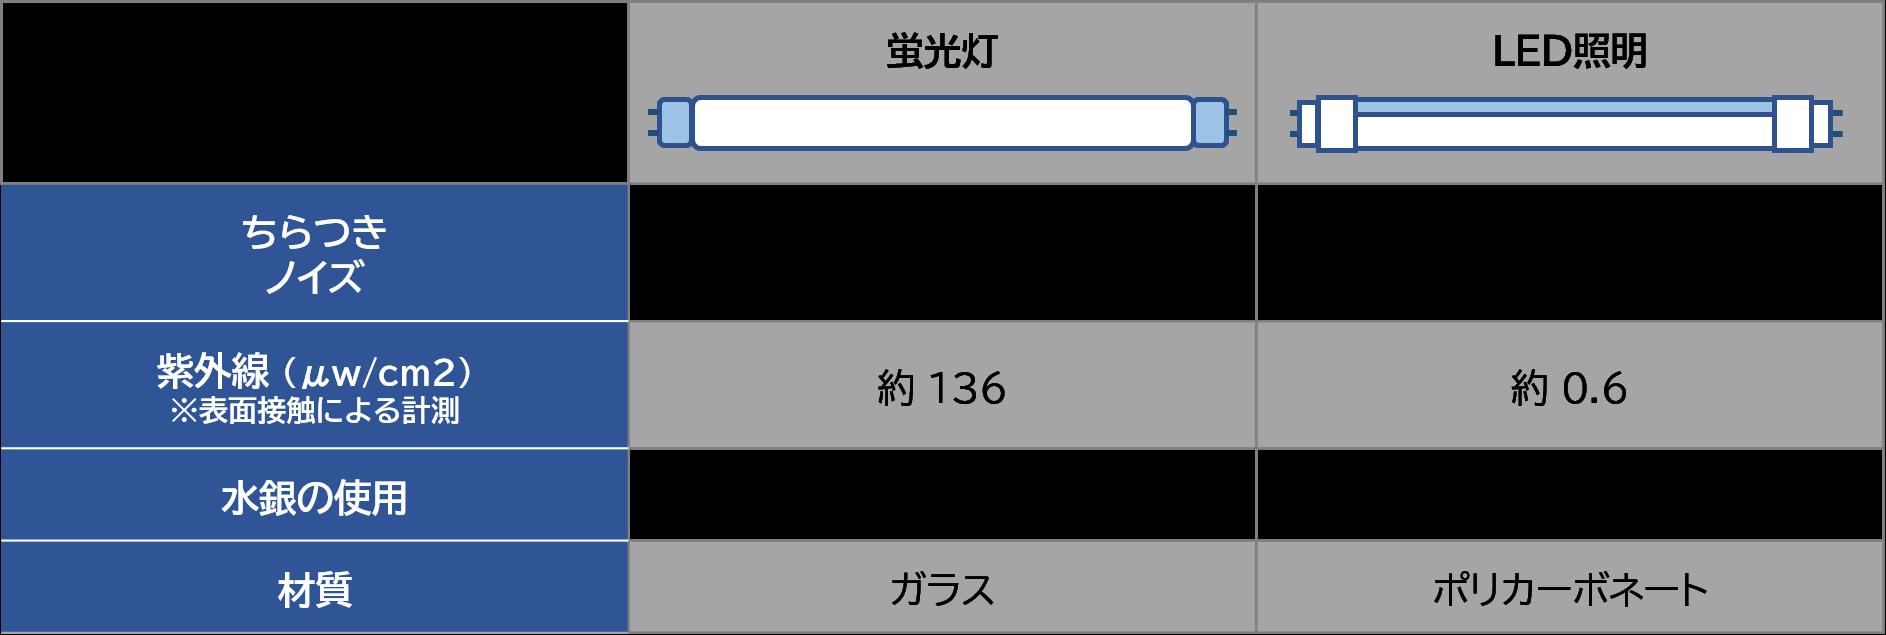 蛍光灯とLED照明の比較